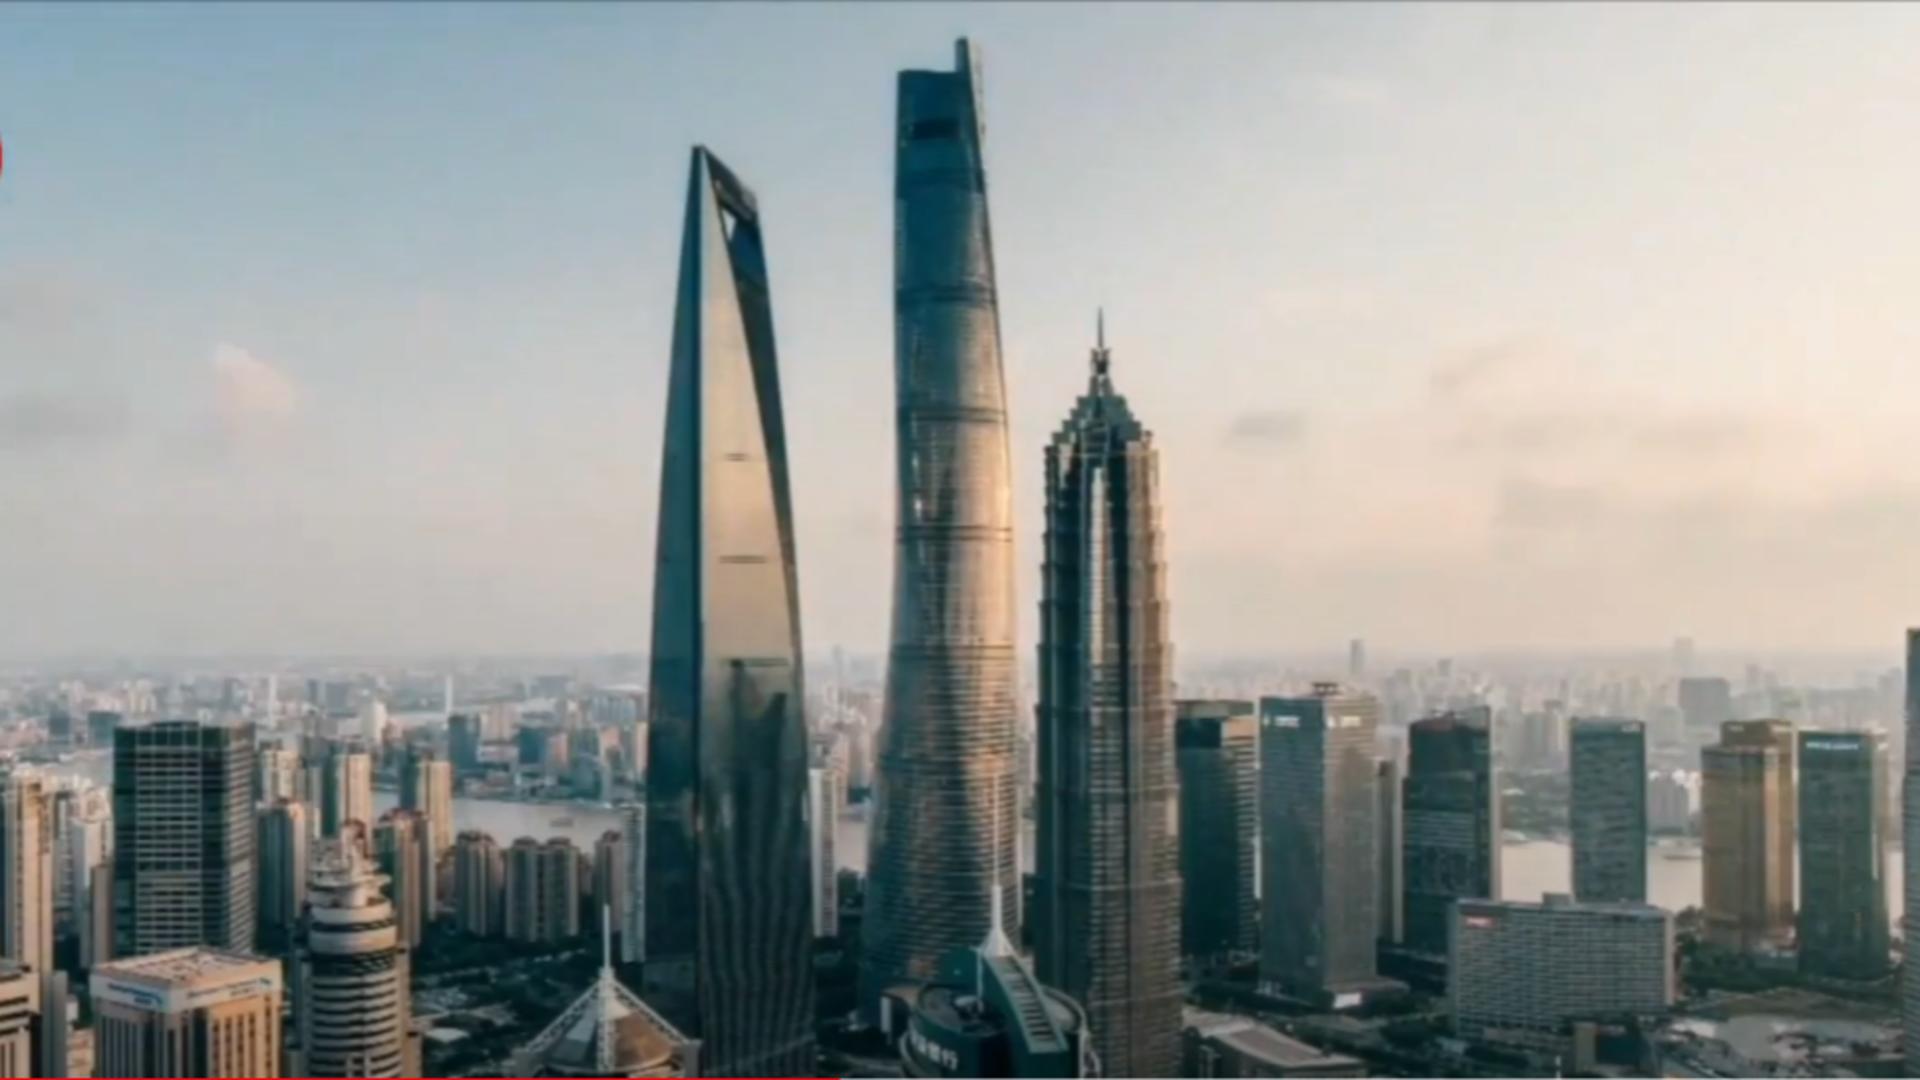 Cel mai înalt hotel din lume